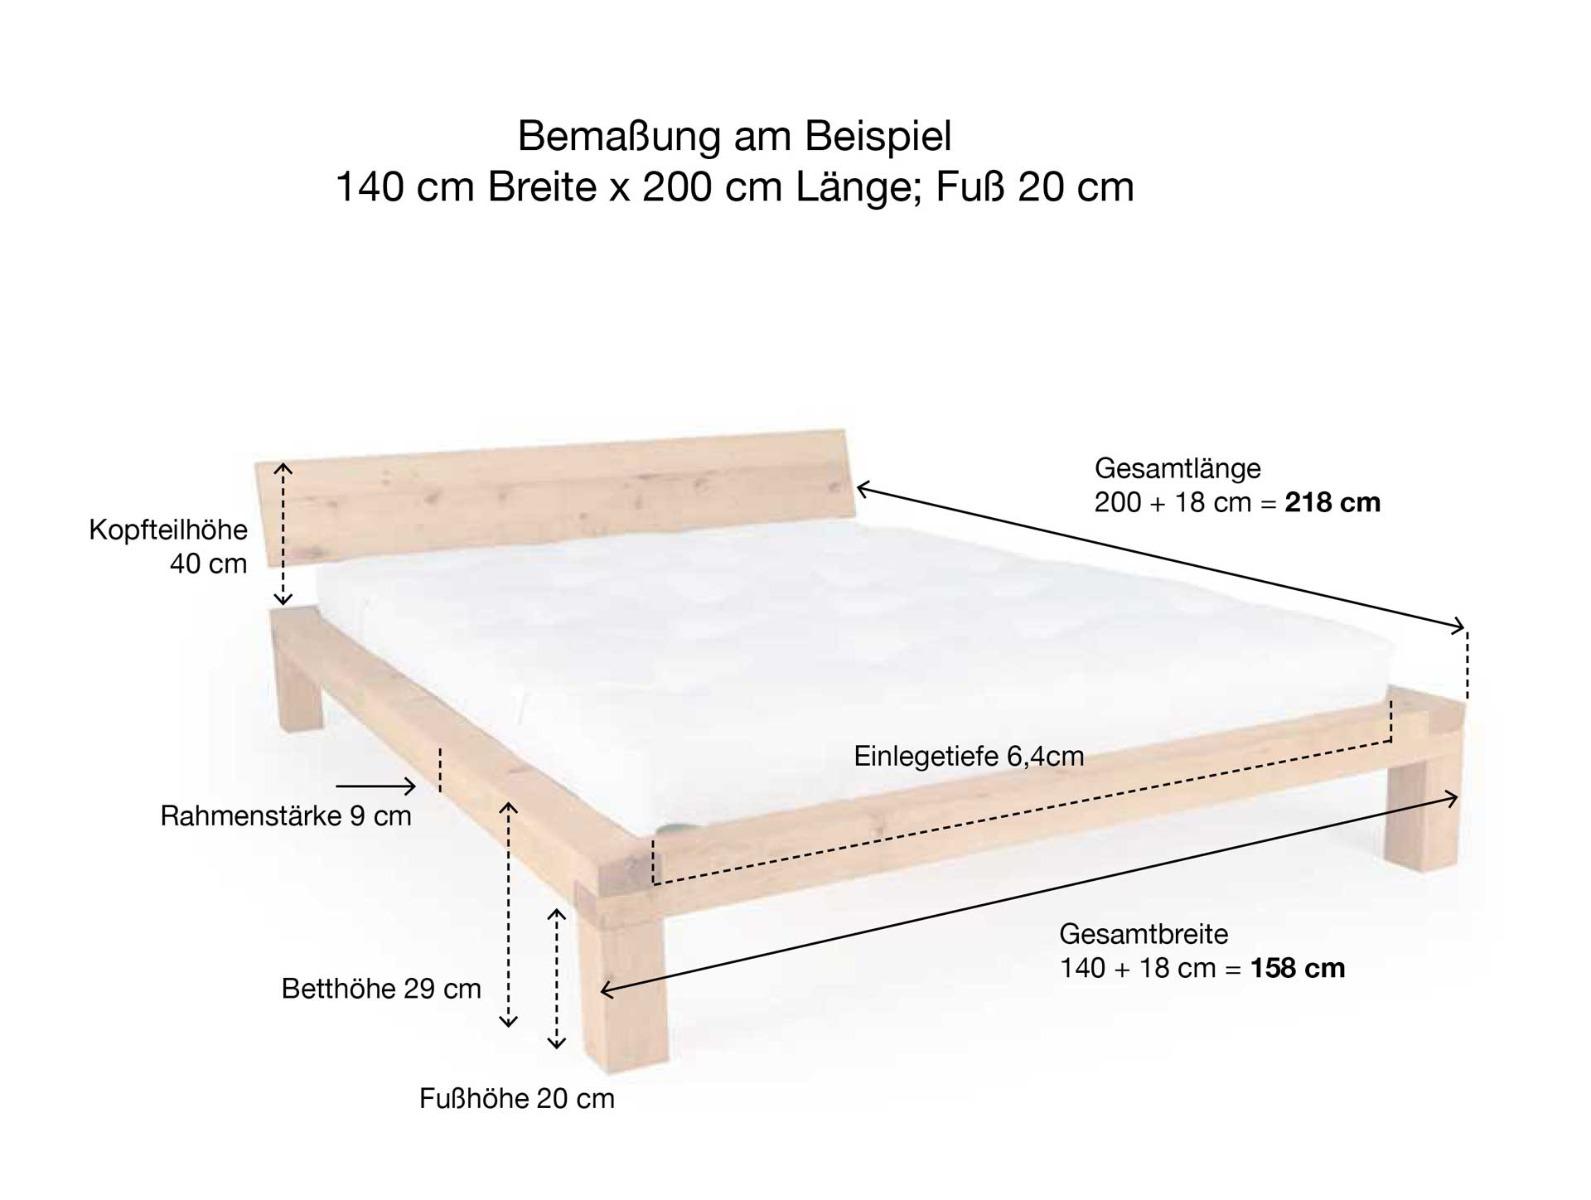 Full Size of Bett Breite 220 120 Cm Ikea Oder 140 160 Yak Breit Landhausstil Tatami 180x200 Schwarz Such Frau Fürs Luxus Ruf Betten Hülsta Nussbaum Somnus Modernes Bett Bett Breite